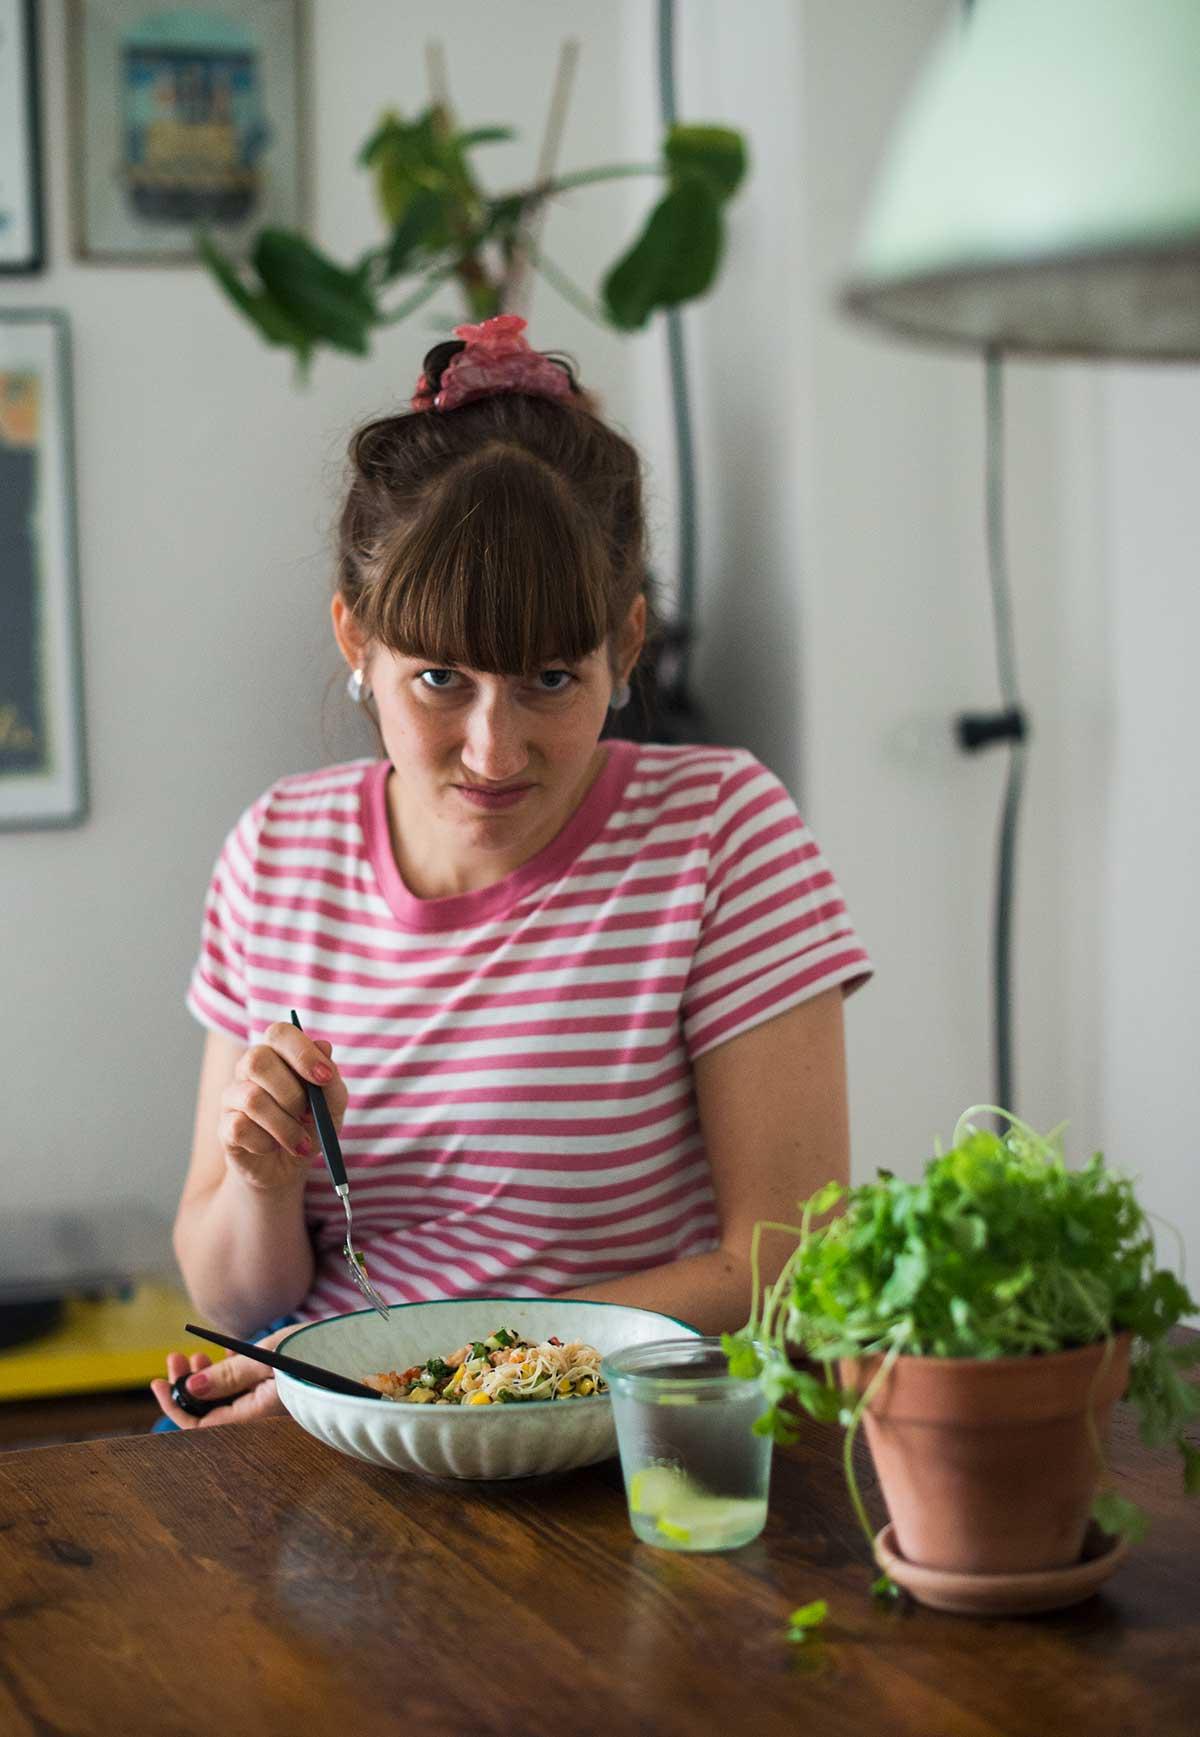 Jeg lærer at spise koriander | Frk. Kræsen